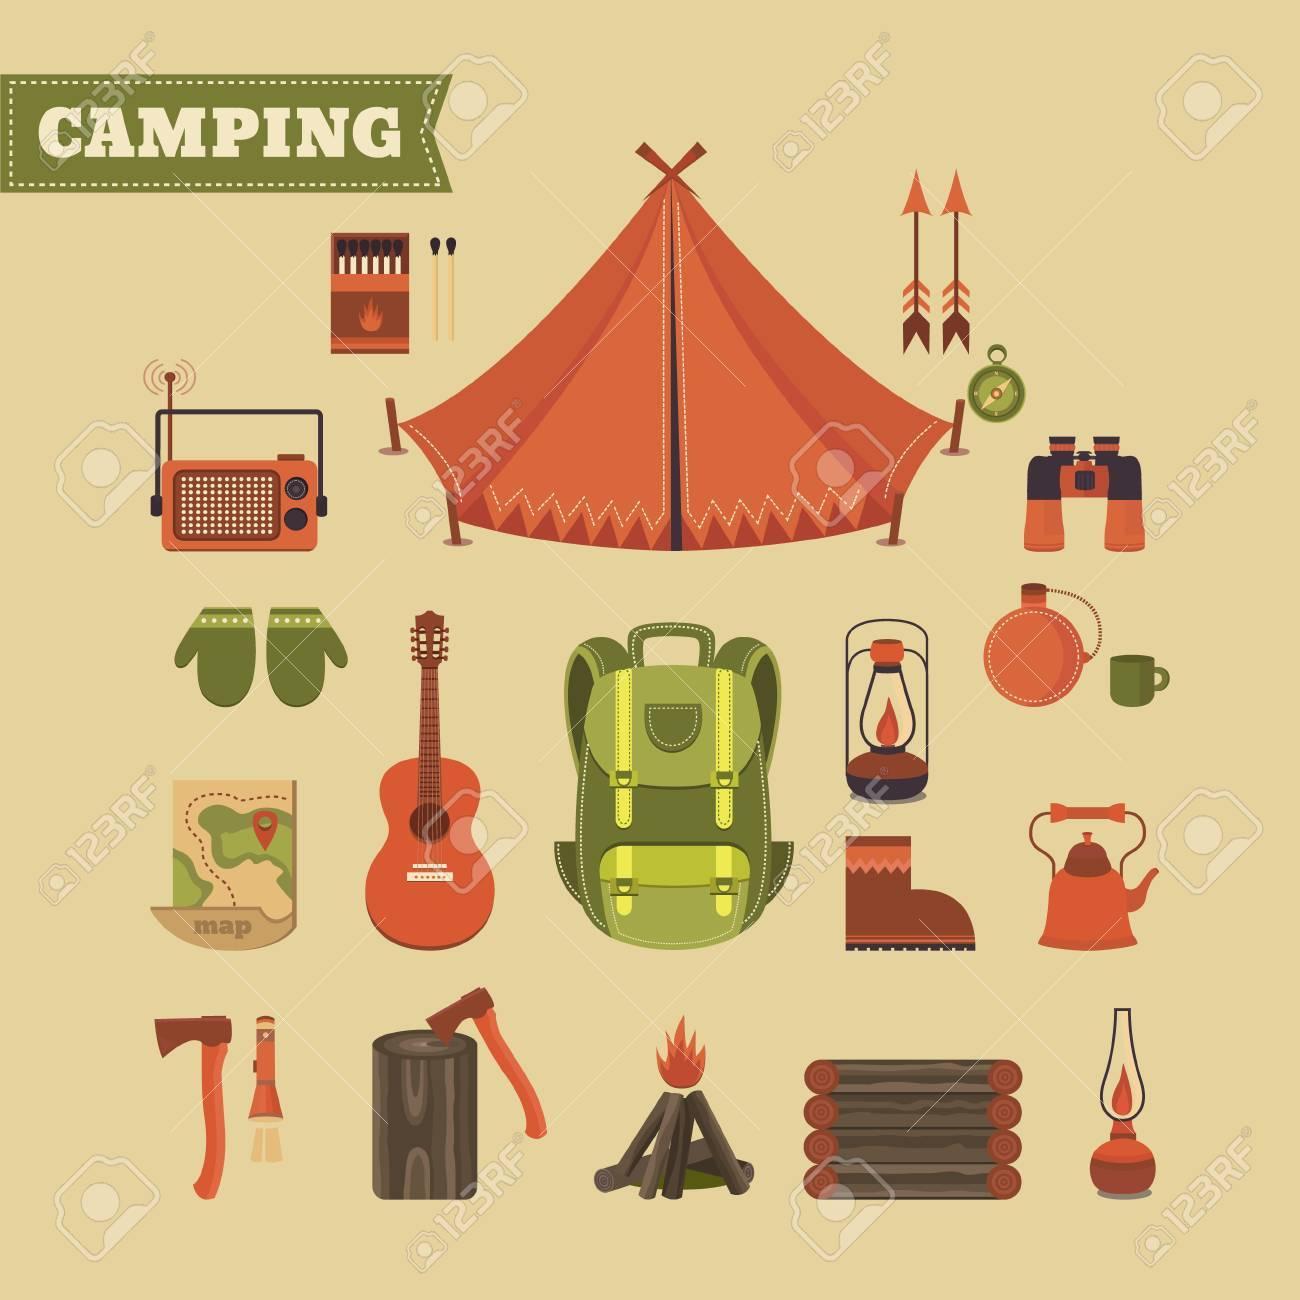 Conjunto De Vectores De Equipo Para Acampar Ilustración Sobre El Tema De Camping Deportes Y Recreación Al Aire Libre De Fondo Para Las Tarjetas